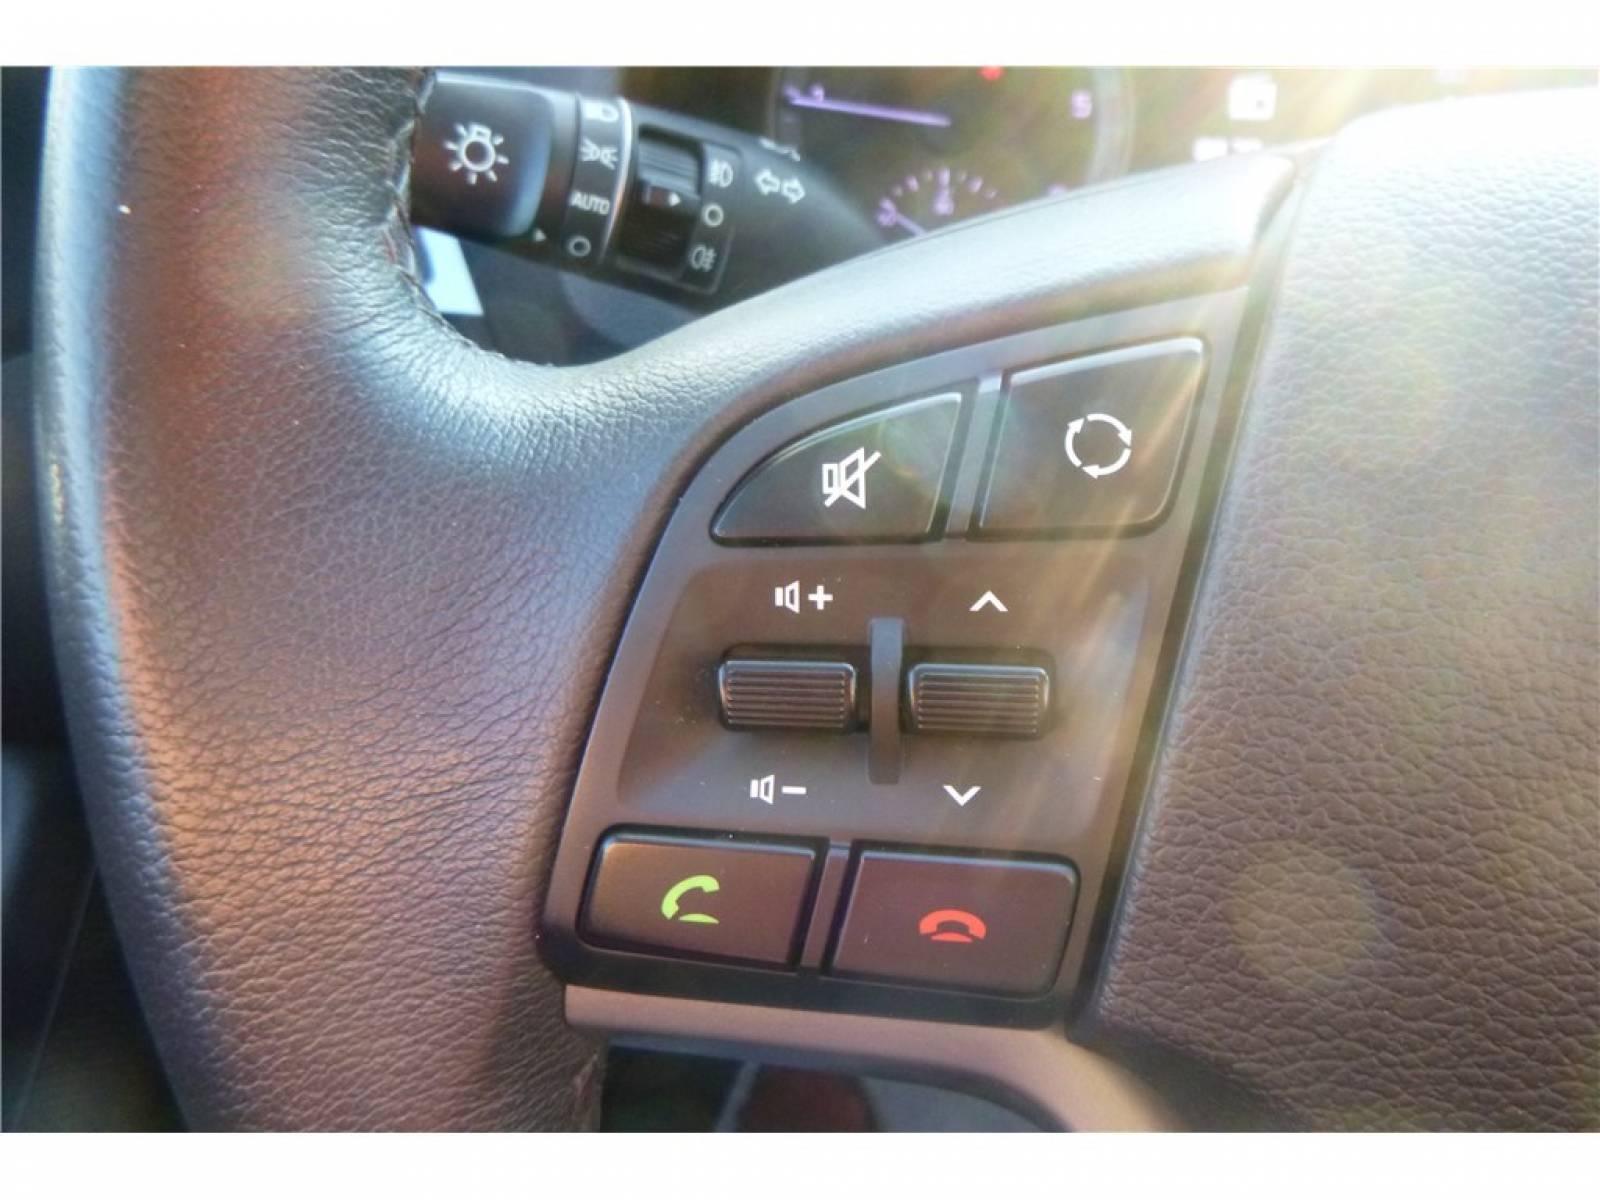 HYUNDAI Tucson 1.7 CRDi 141 2WD DCT-7 - véhicule d'occasion - Groupe Guillet - Chalon Automobiles - 71100 - Chalon-sur-Saône - 23